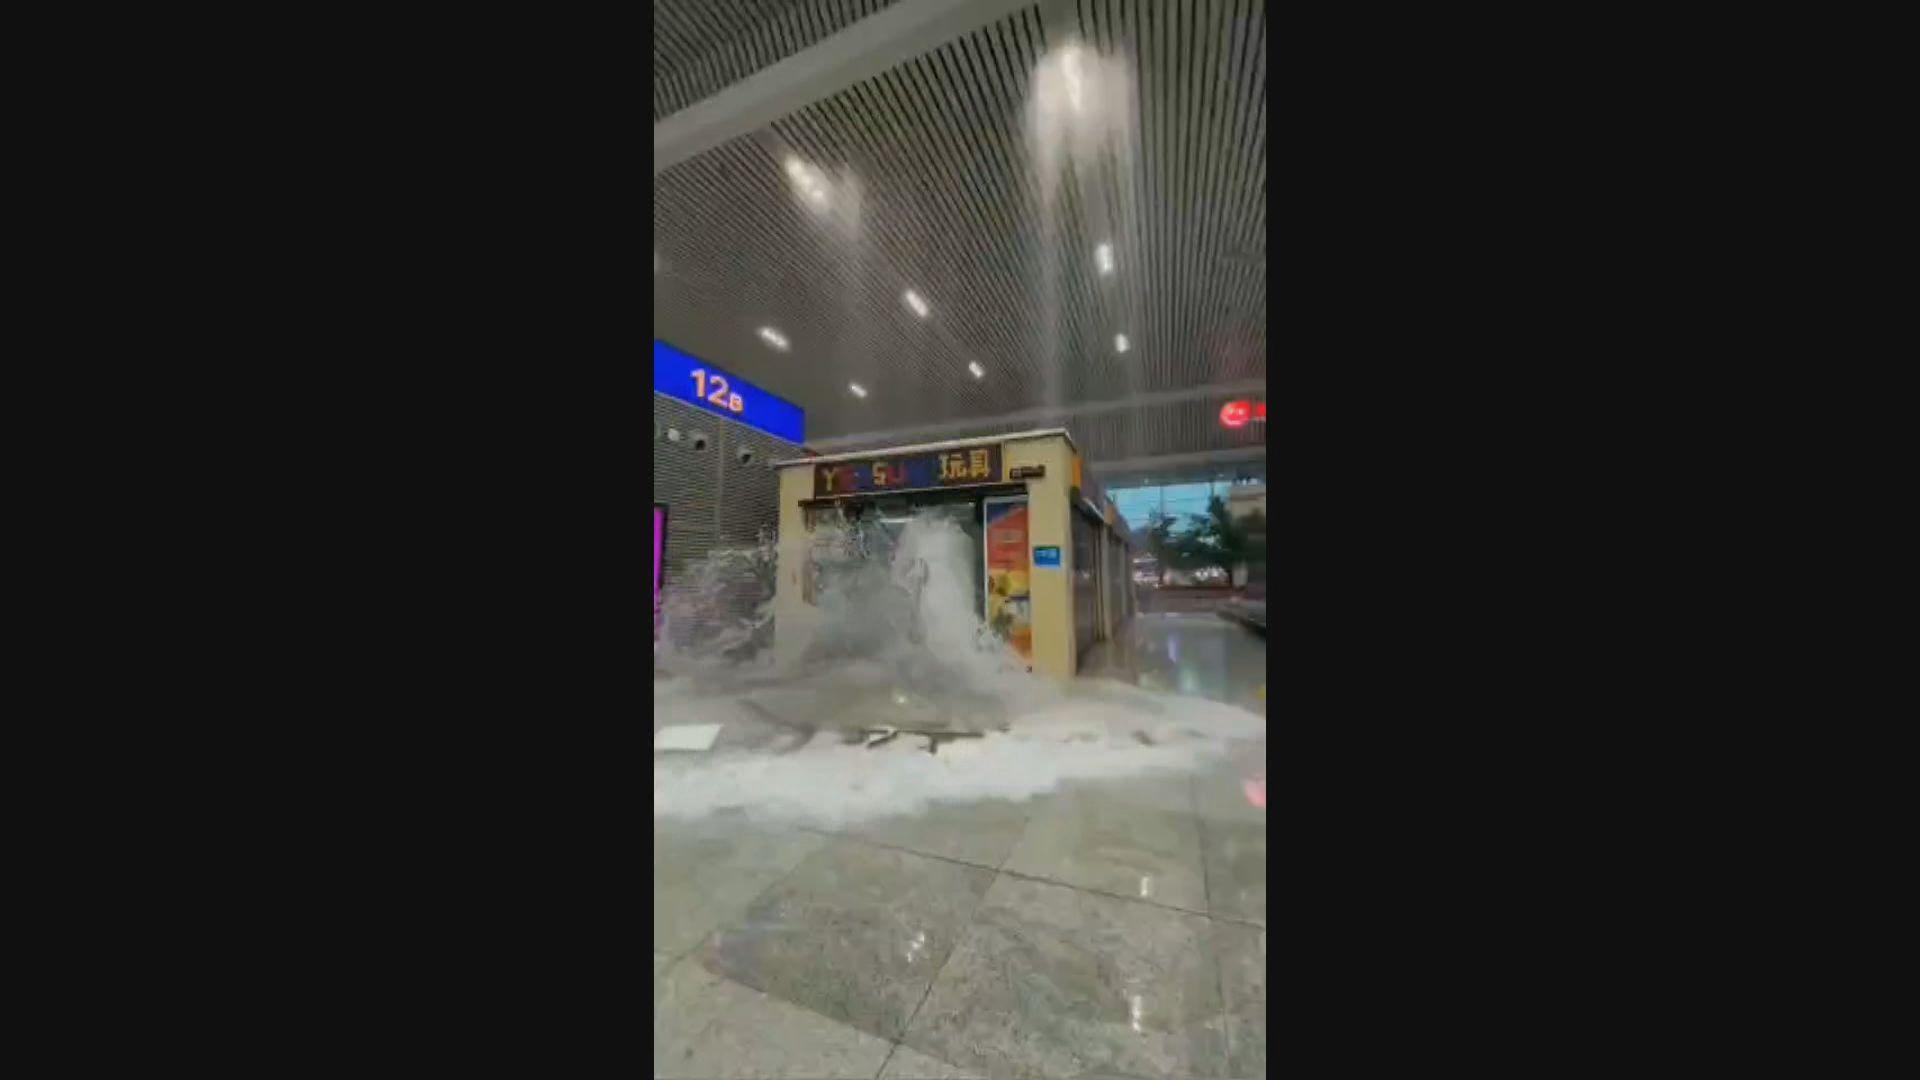 河南暴雨洪災 鄭州地鐵稱洪水沖毀擋水牆致嚴重水浸